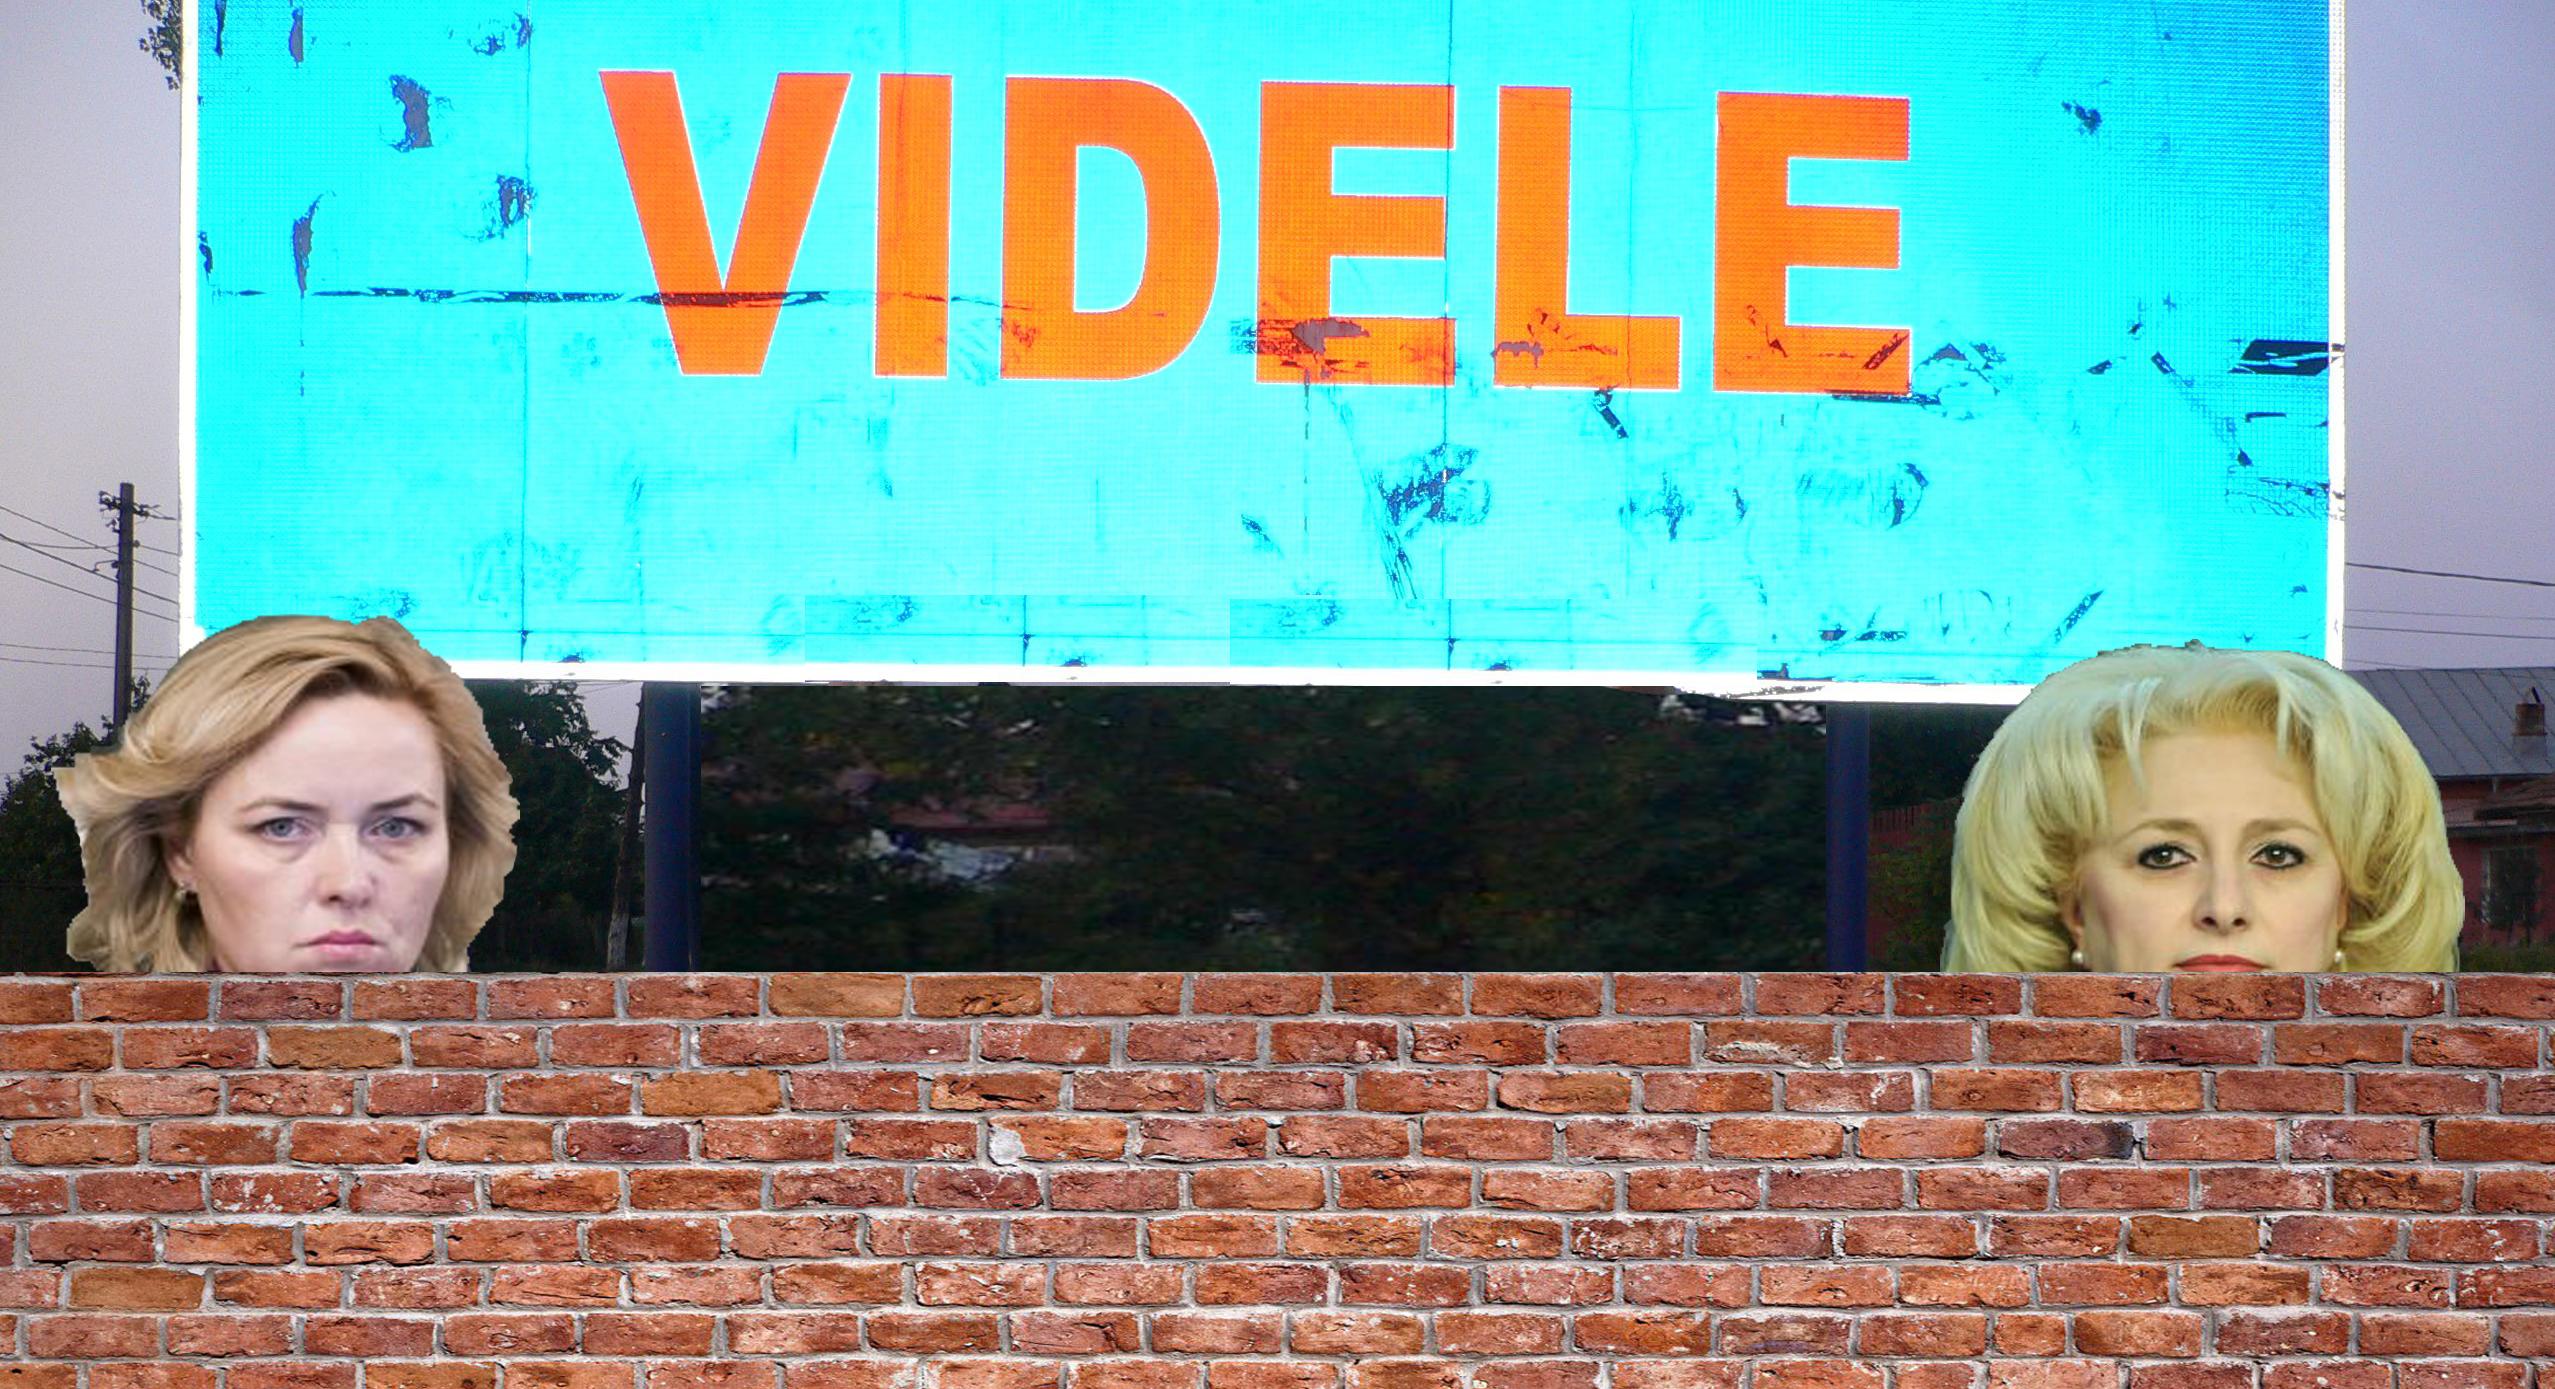 România va ridica un zid la granița cu Videle, ca să nu ne mai umple de ministre și prim-ministre!